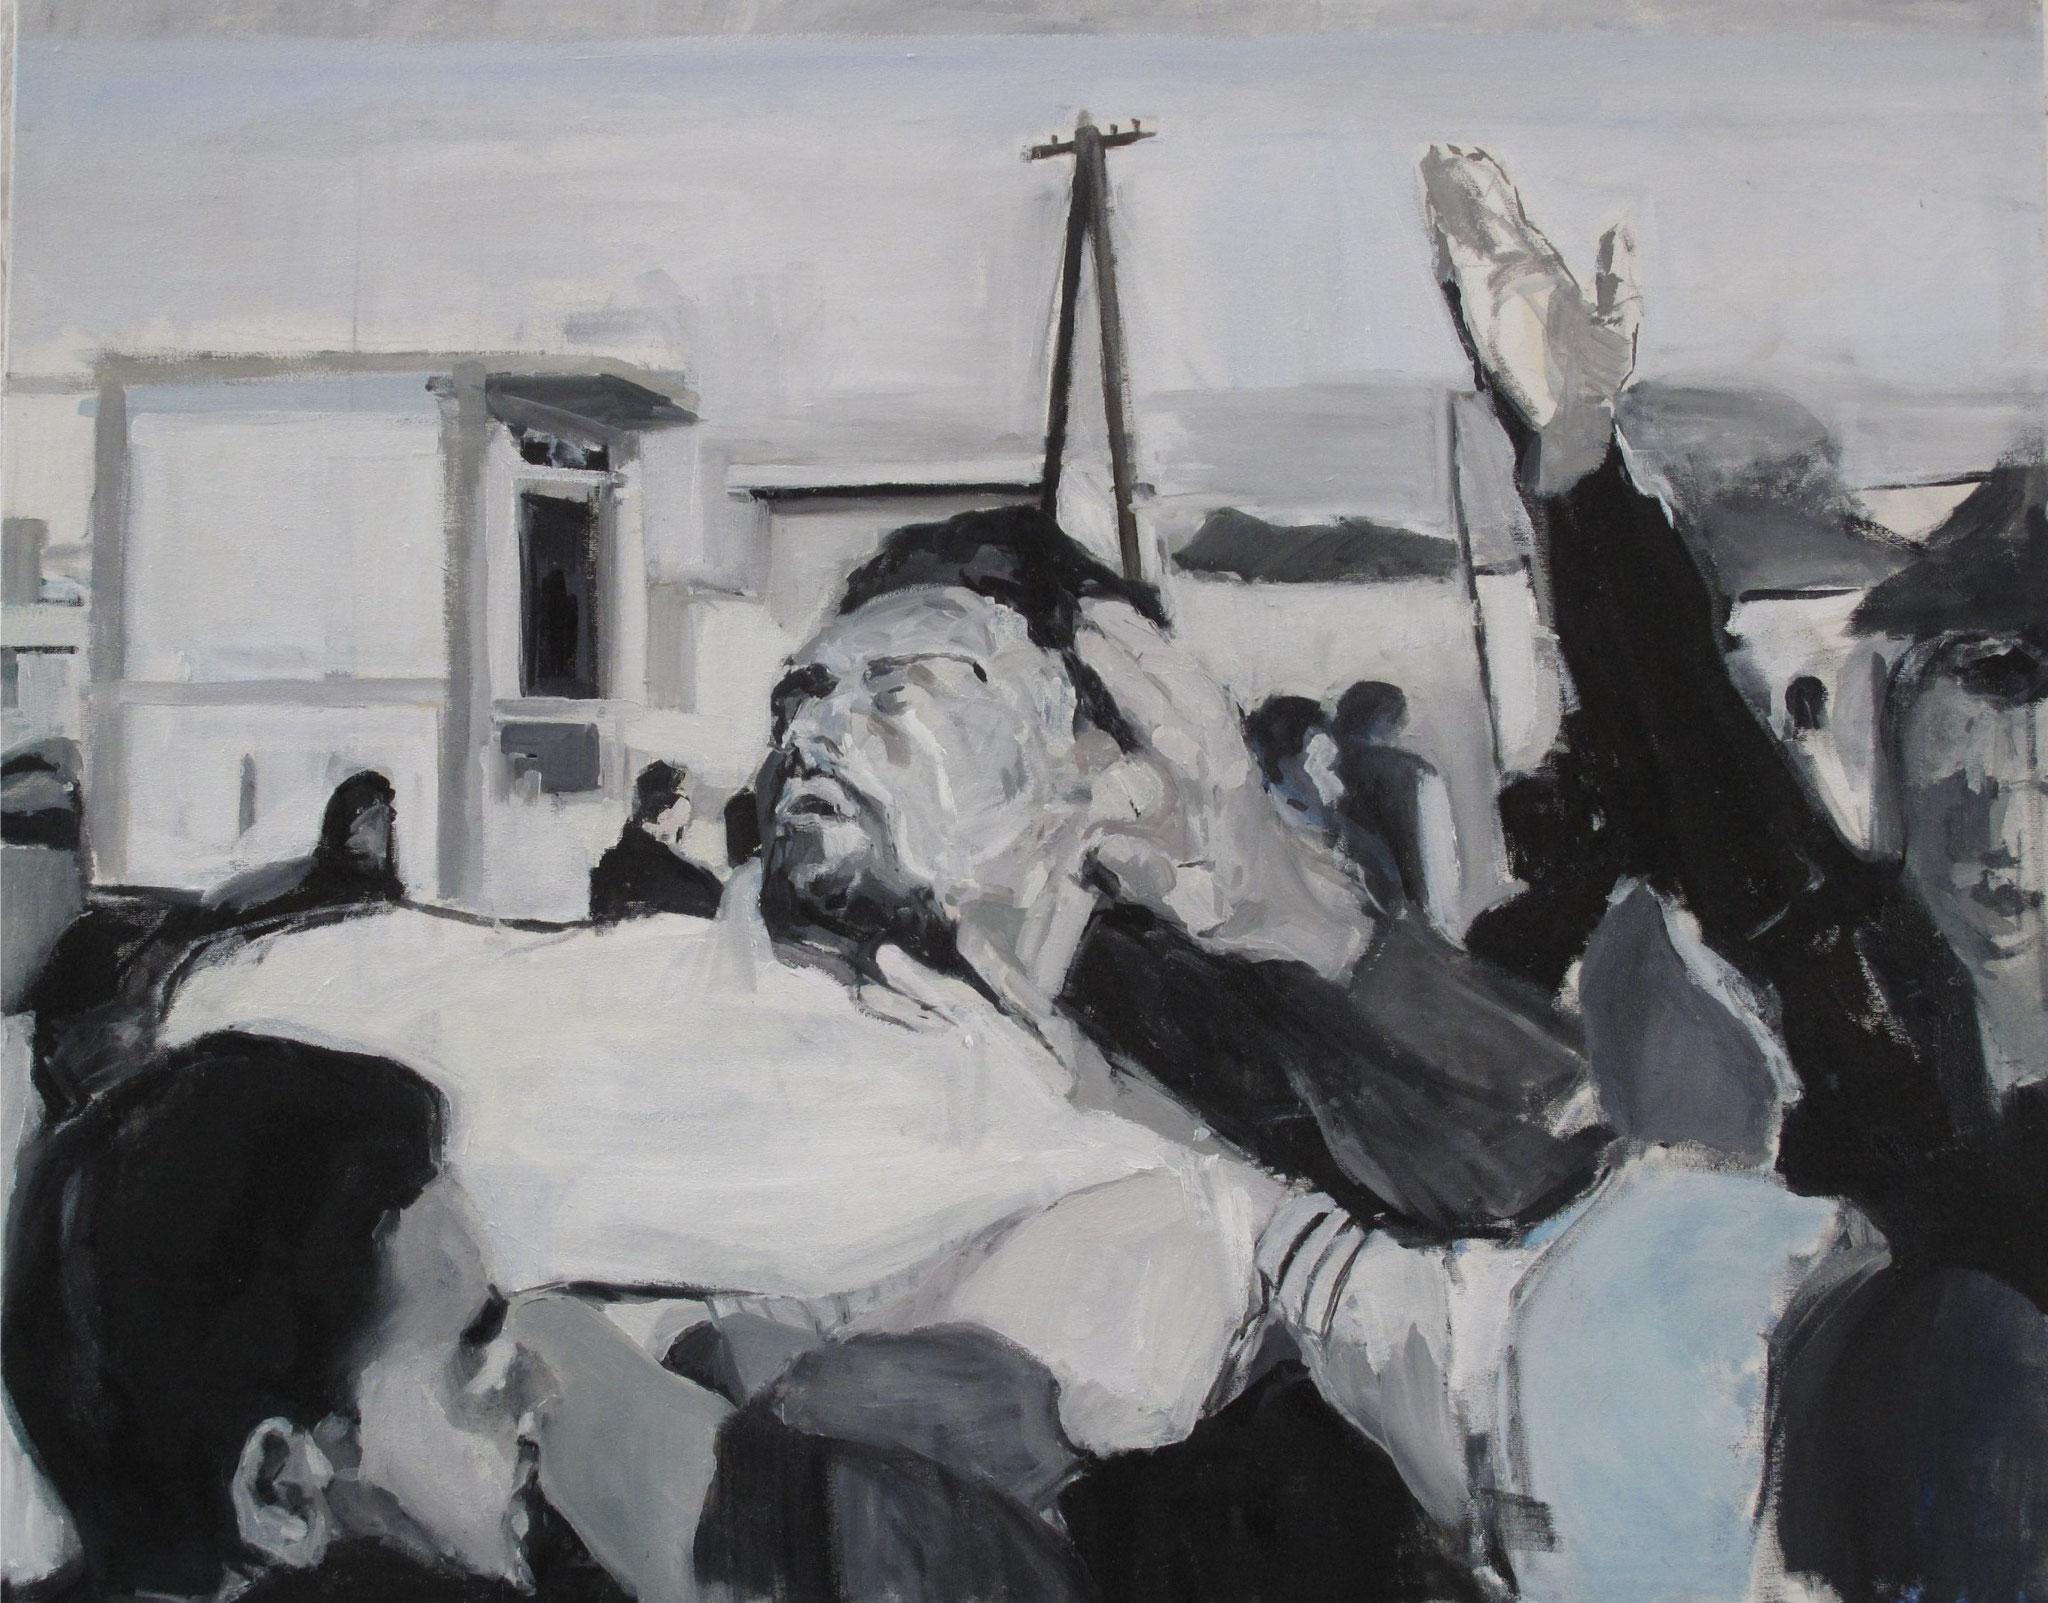 Sans titre ( Afghanistan) - Journaux, Huile sur toile, 2013, 81 x 65 cm